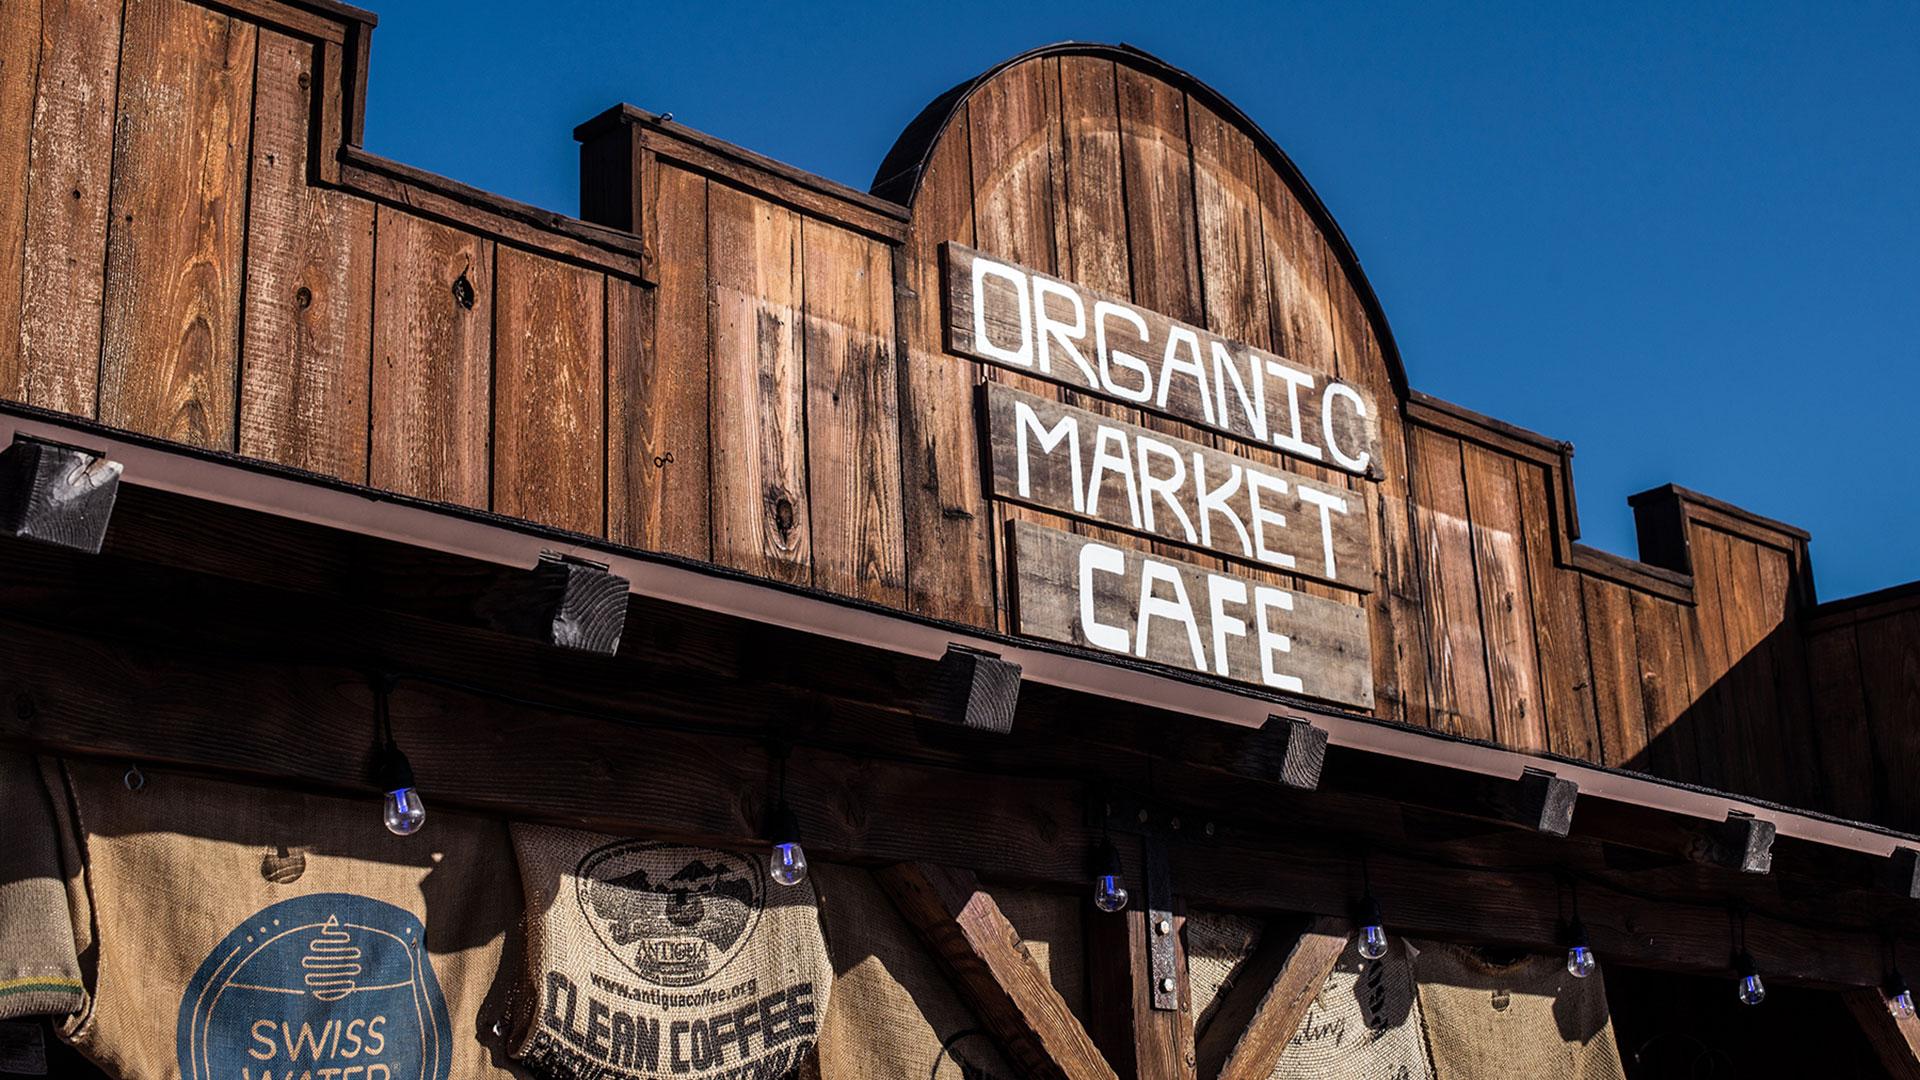 organic market cafe